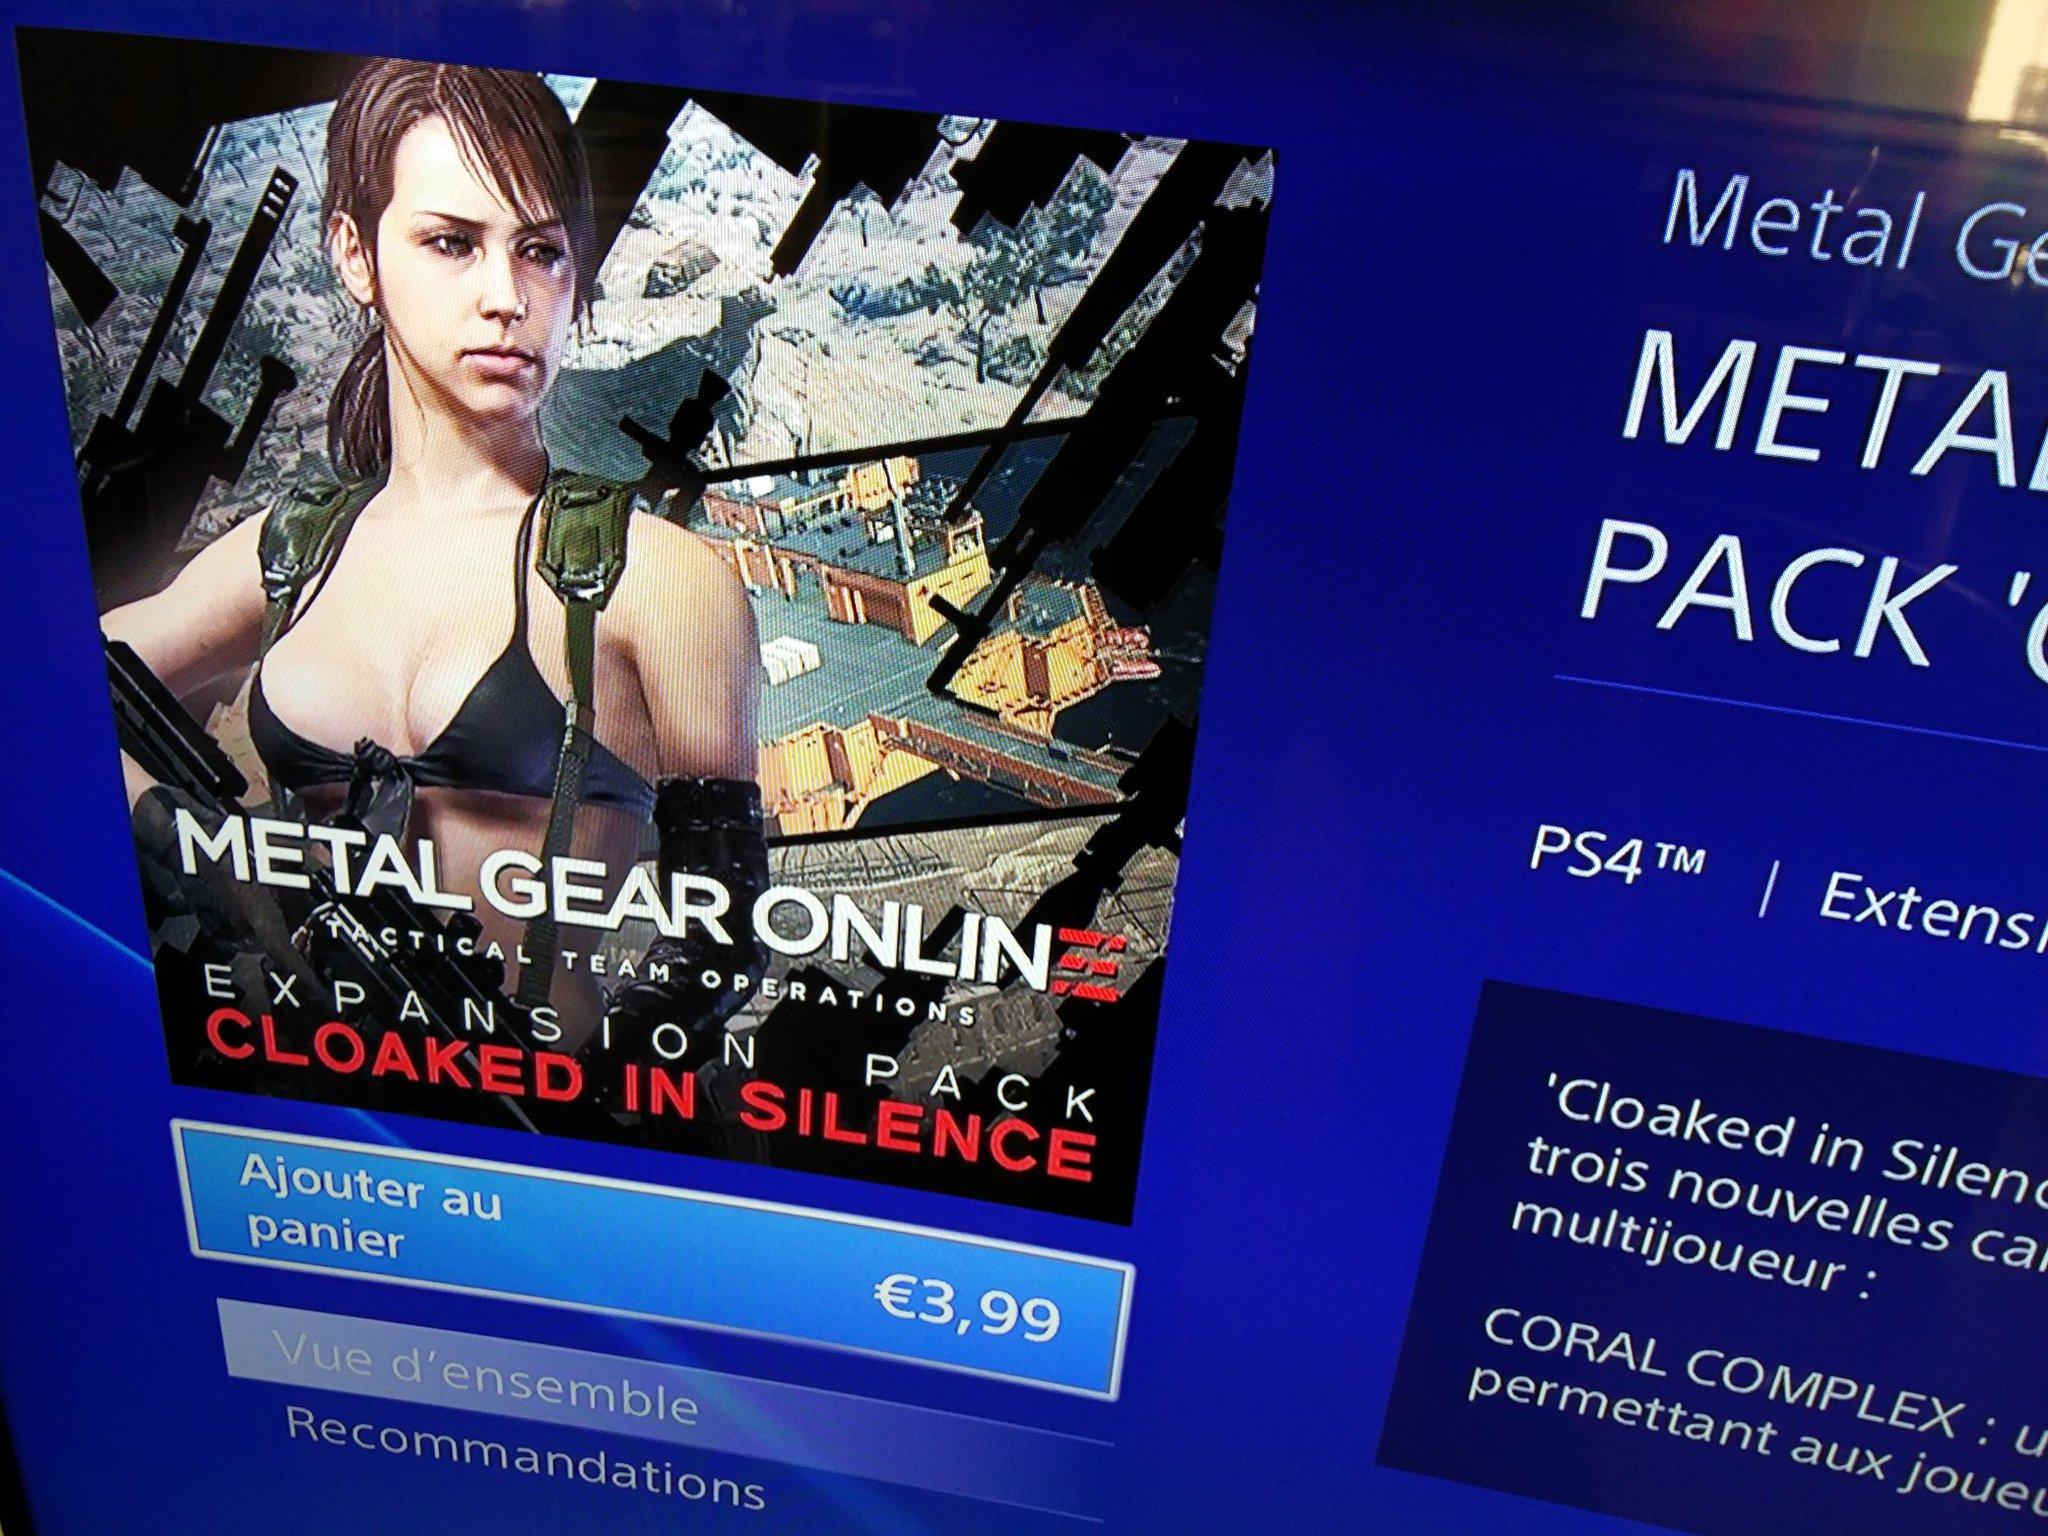 Le nouveau contenu #MetalGearOnline est dispo sur le #PlayStationStore avec:   • 3 nouvelles cartes • Quiet jouable https://t.co/rFWe0aQcLW